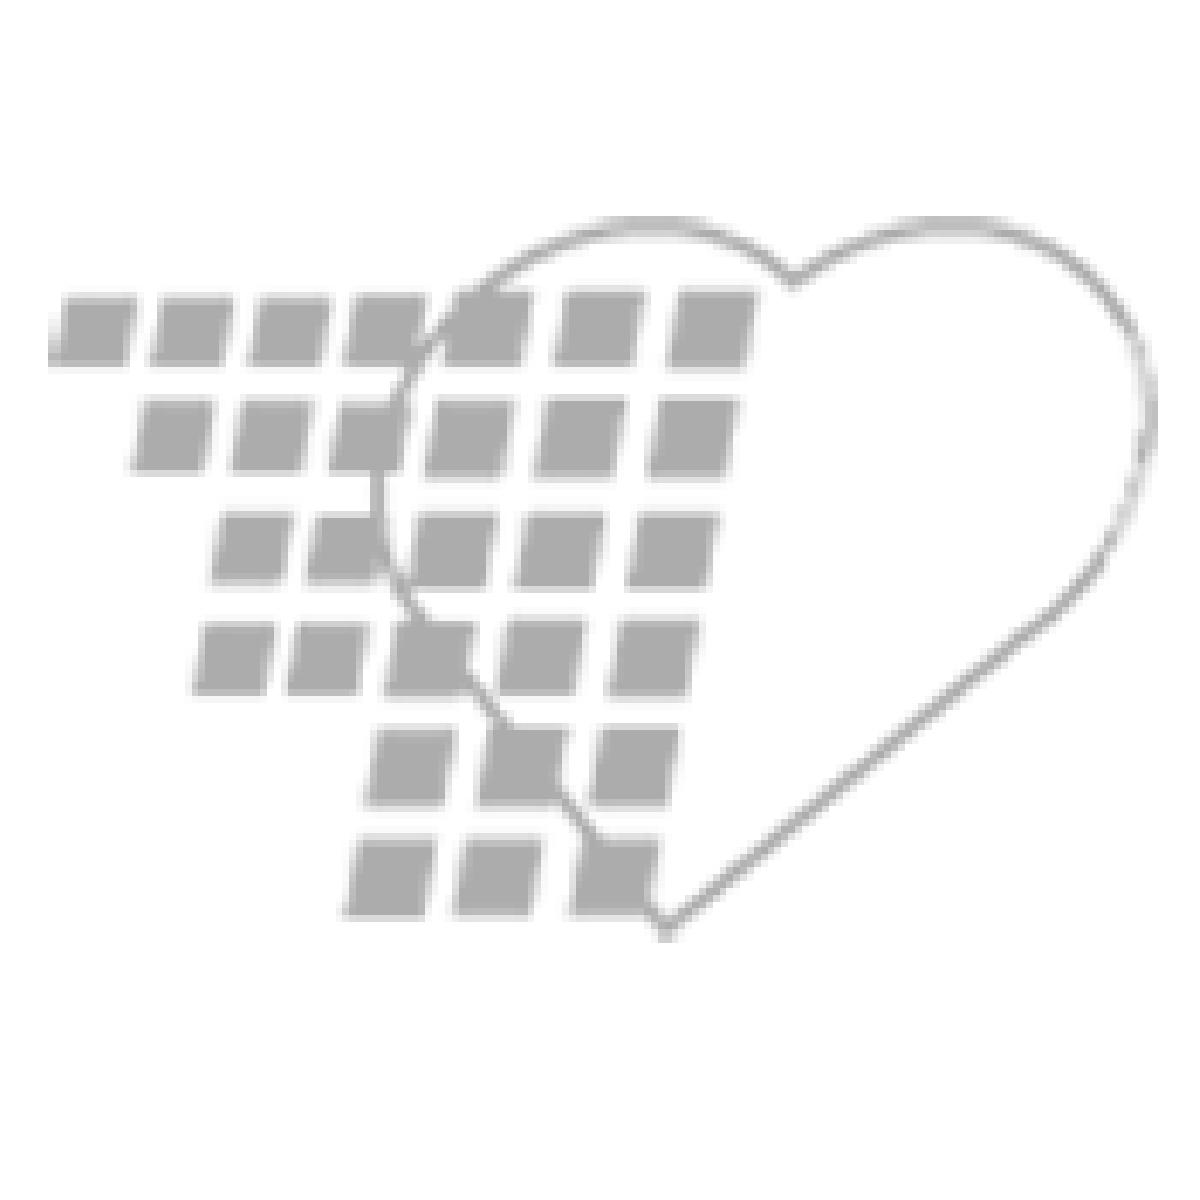 11-99-1005 - Nasco Blood Pressure Cuff Replacement